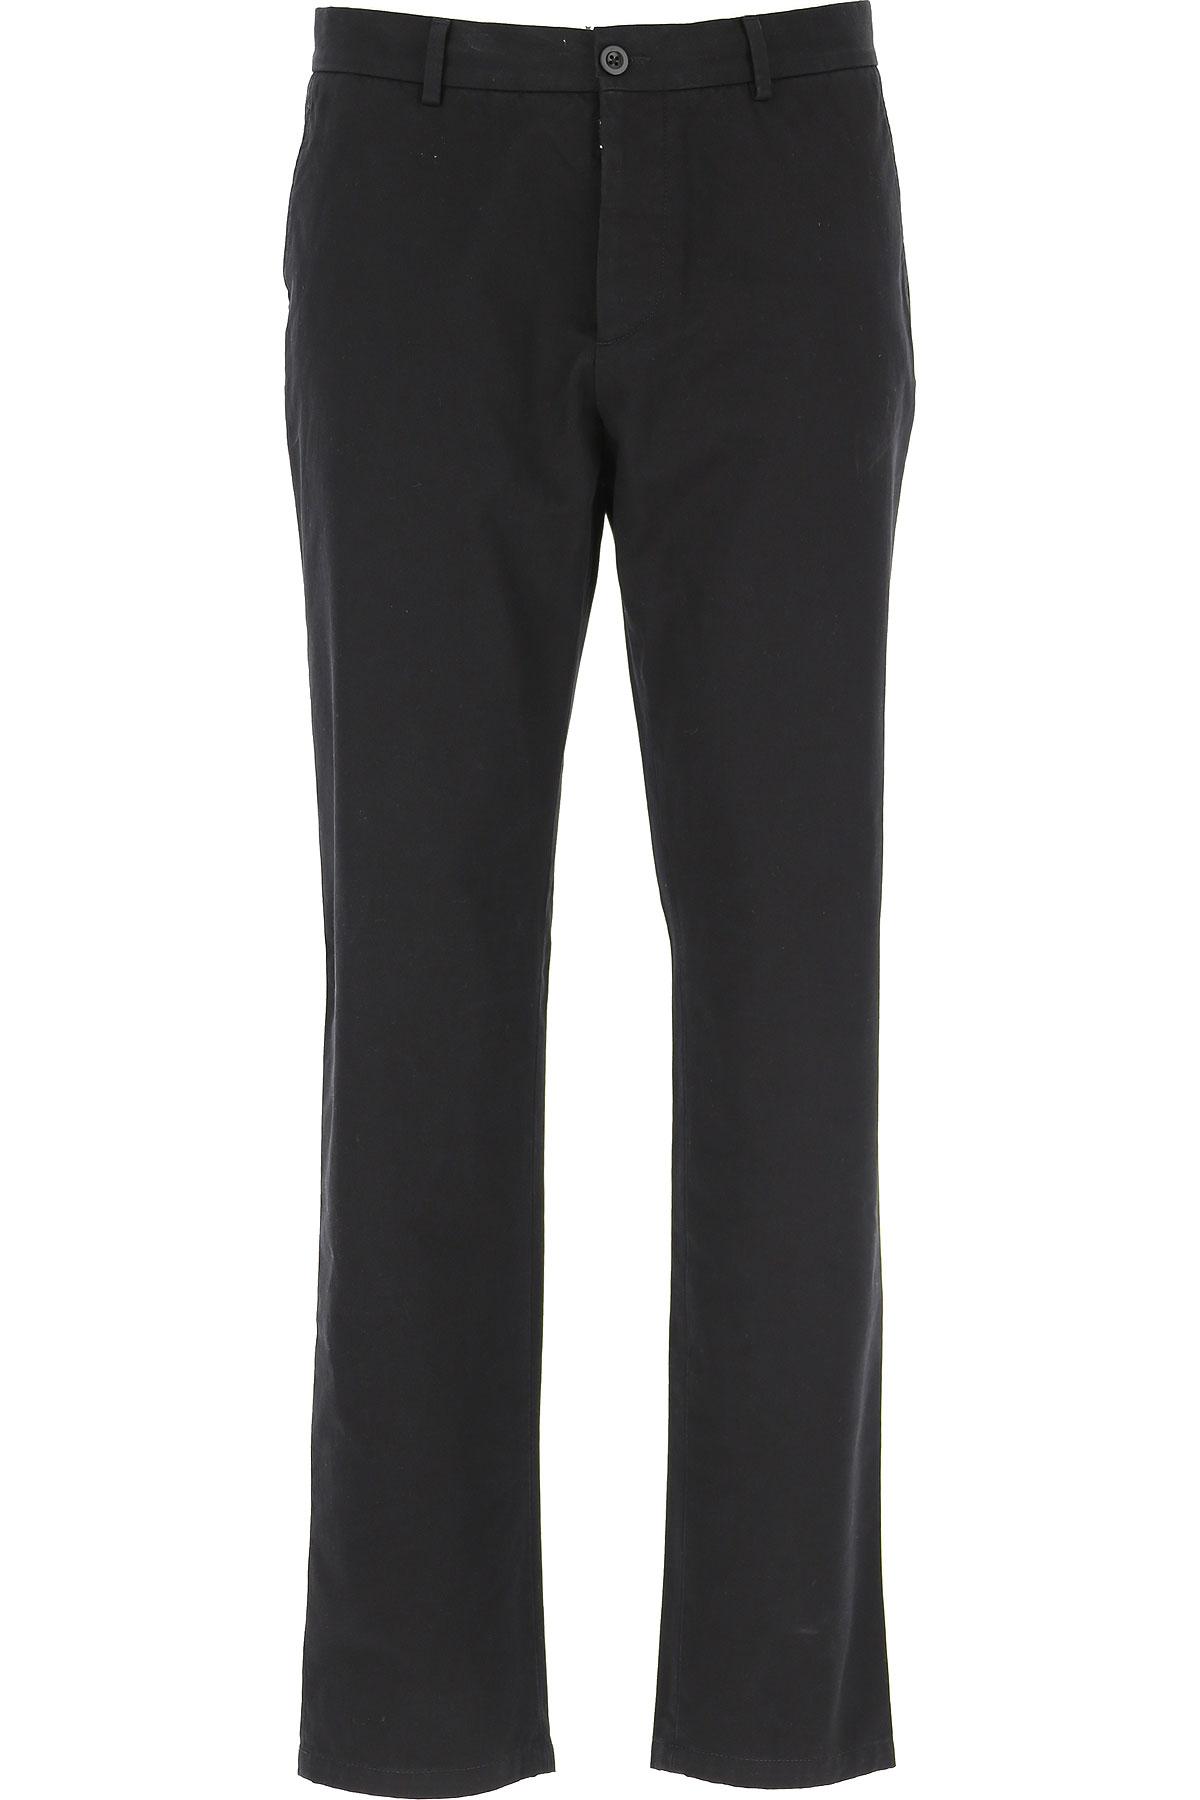 Maison Martin Margiela Pants for Men On Sale, Black, Cotton, 2019, 30 32 34 36